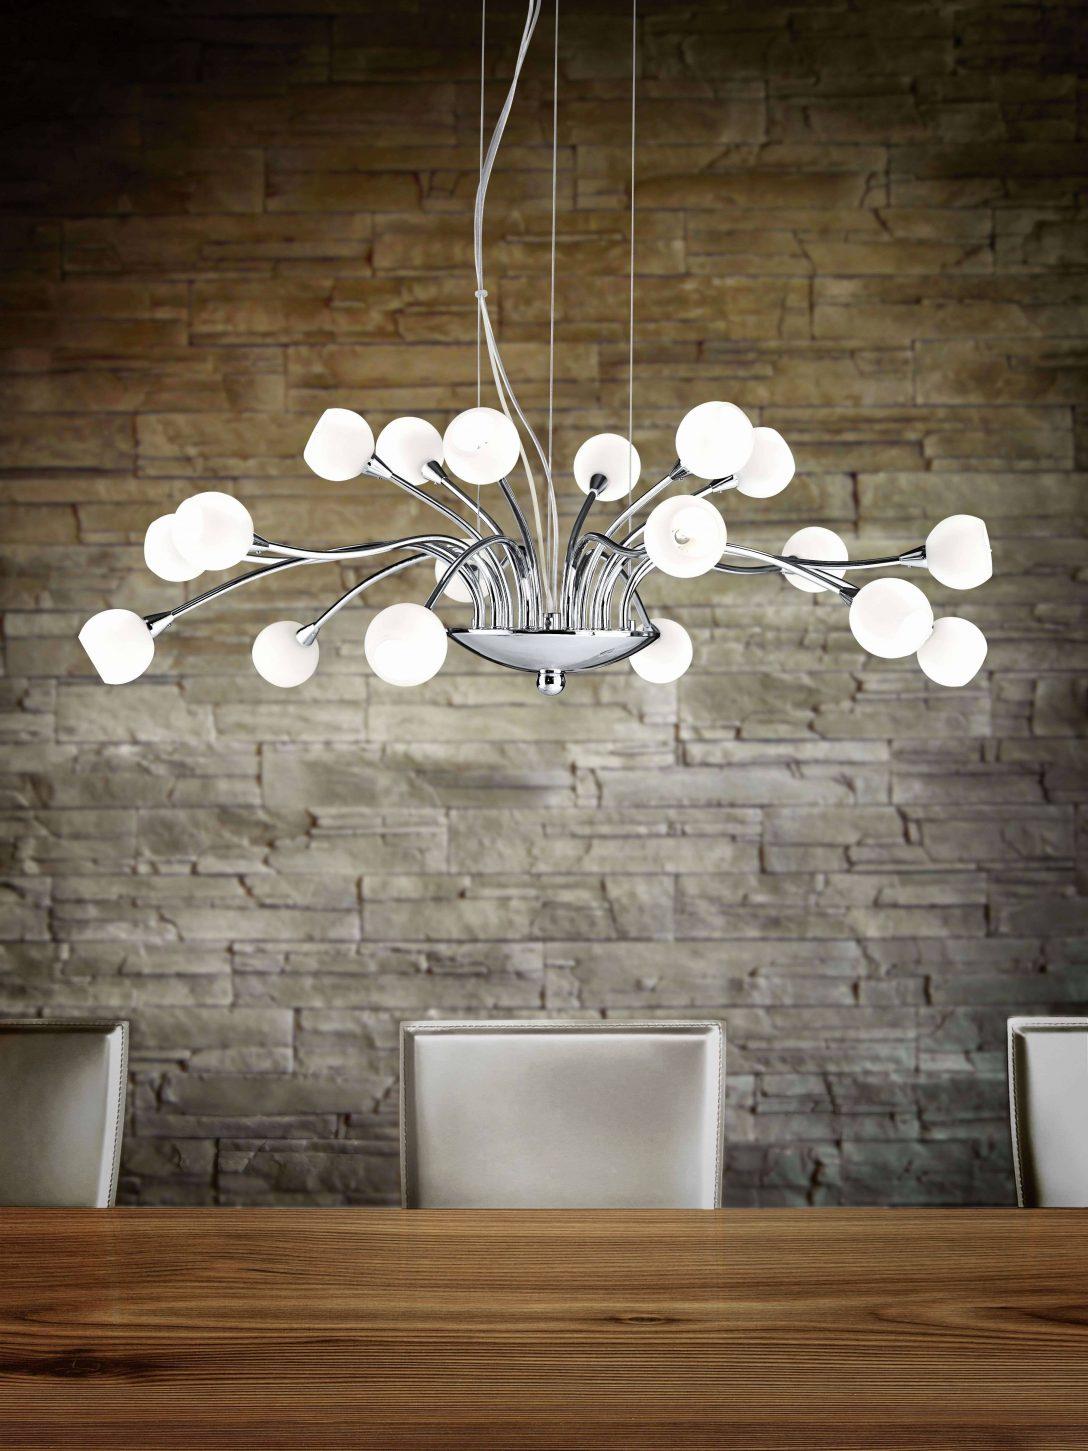 Large Size of Designer Lampen Esstisch Lampe Badezimmer Deckenlampen Für Wohnzimmer Bad Led Küche Esstische Regale Modern Stehlampen Schlafzimmer Betten Wohnzimmer Designer Lampen